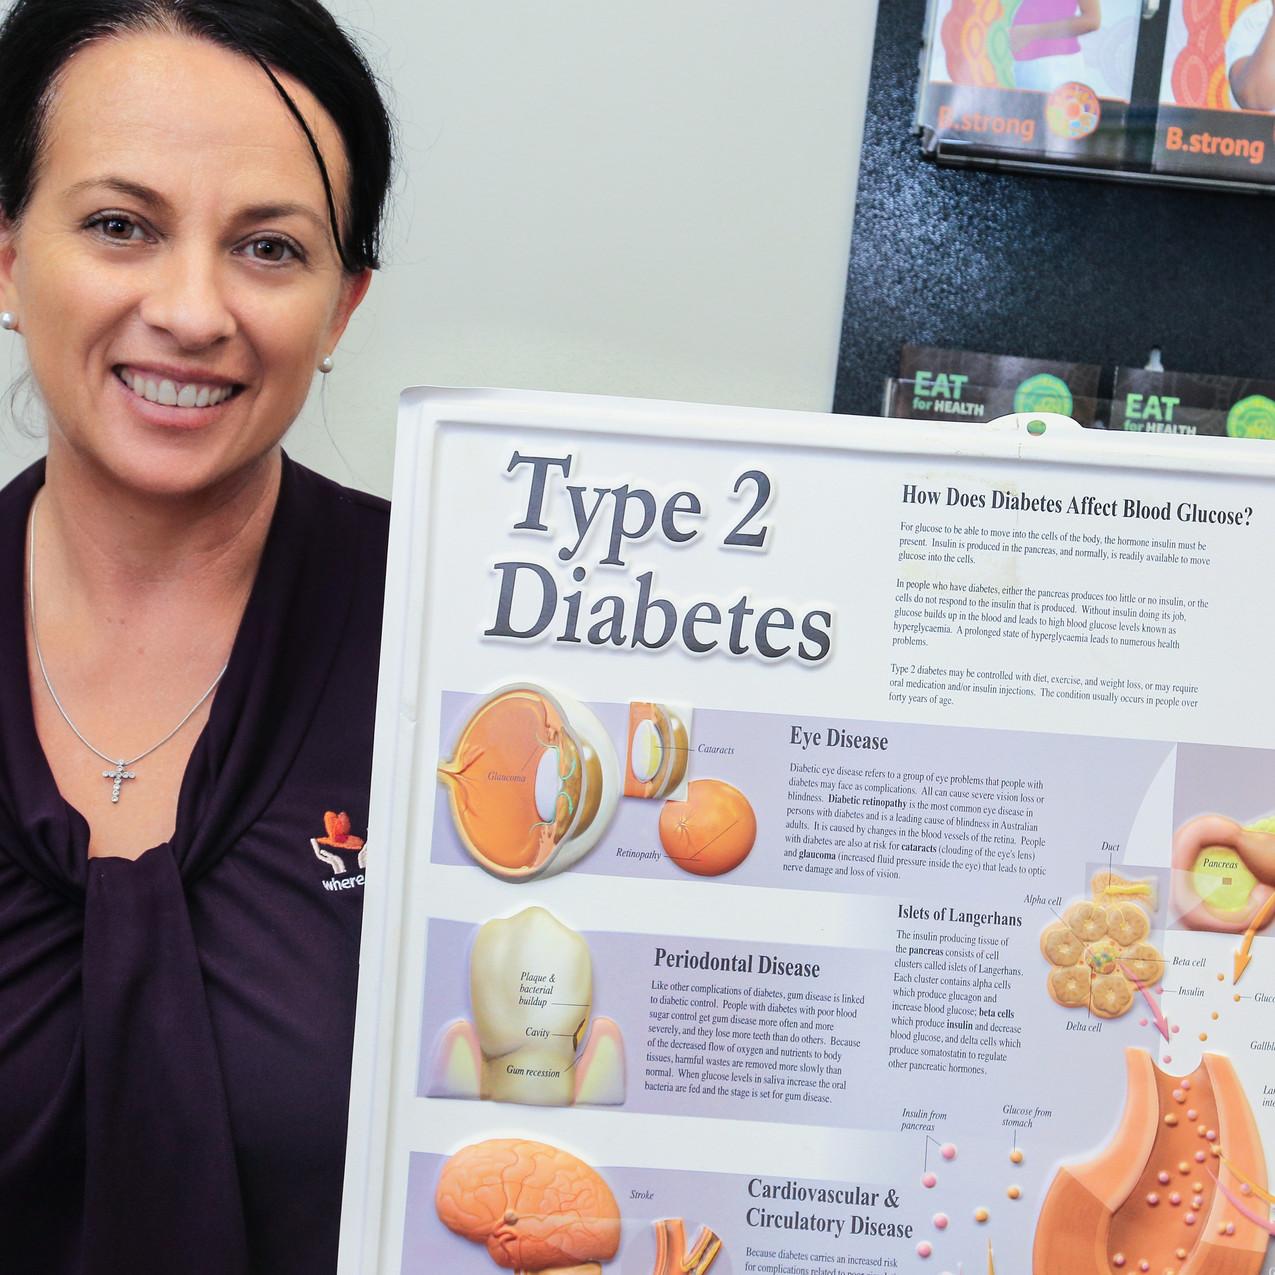 IWC Diabetes Educator Kym Connolly